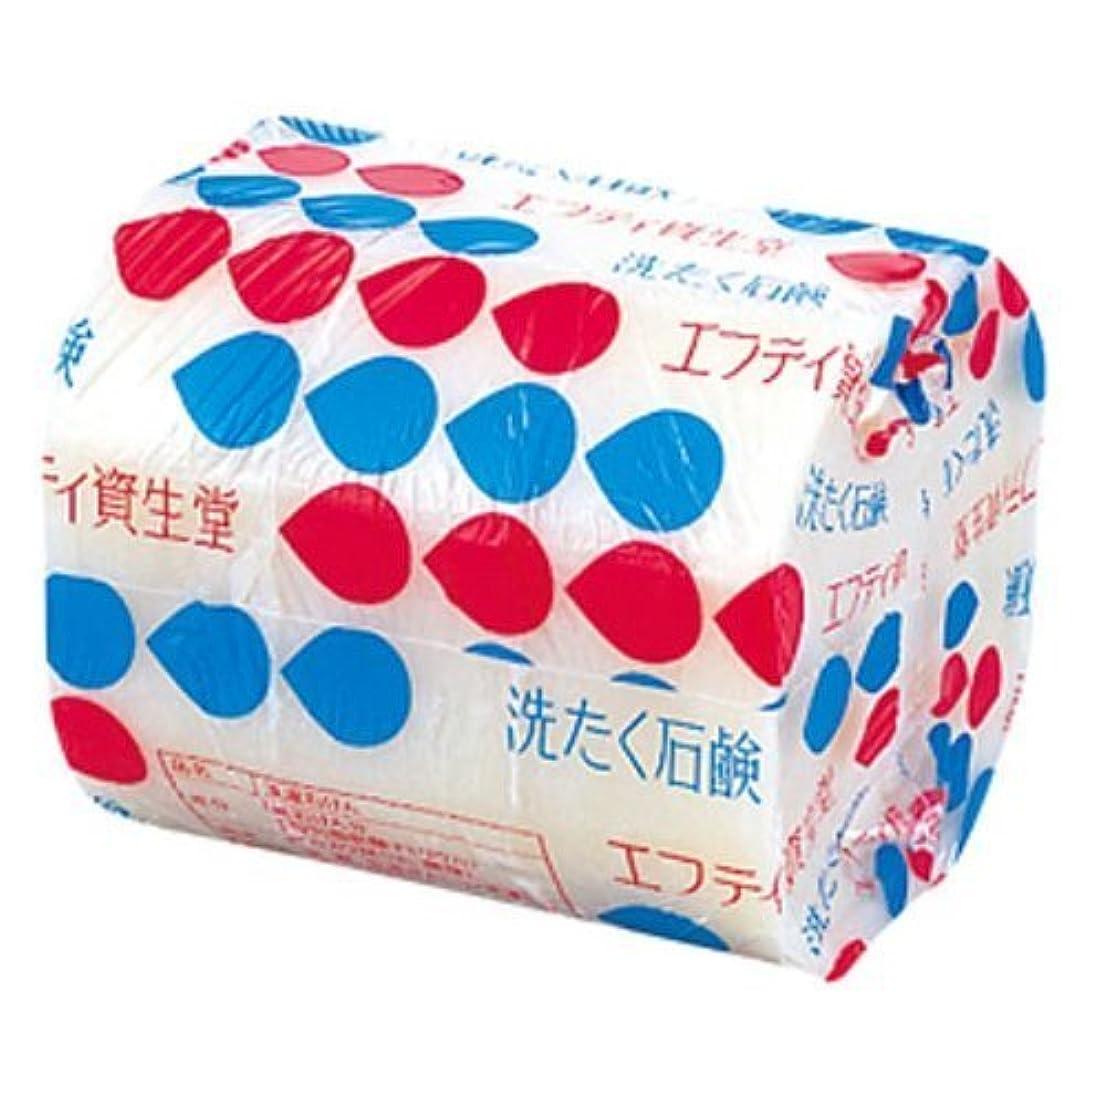 苦難思慮のない期待【資生堂】エフティ資生堂洗たく石鹸花椿型3コパック200g